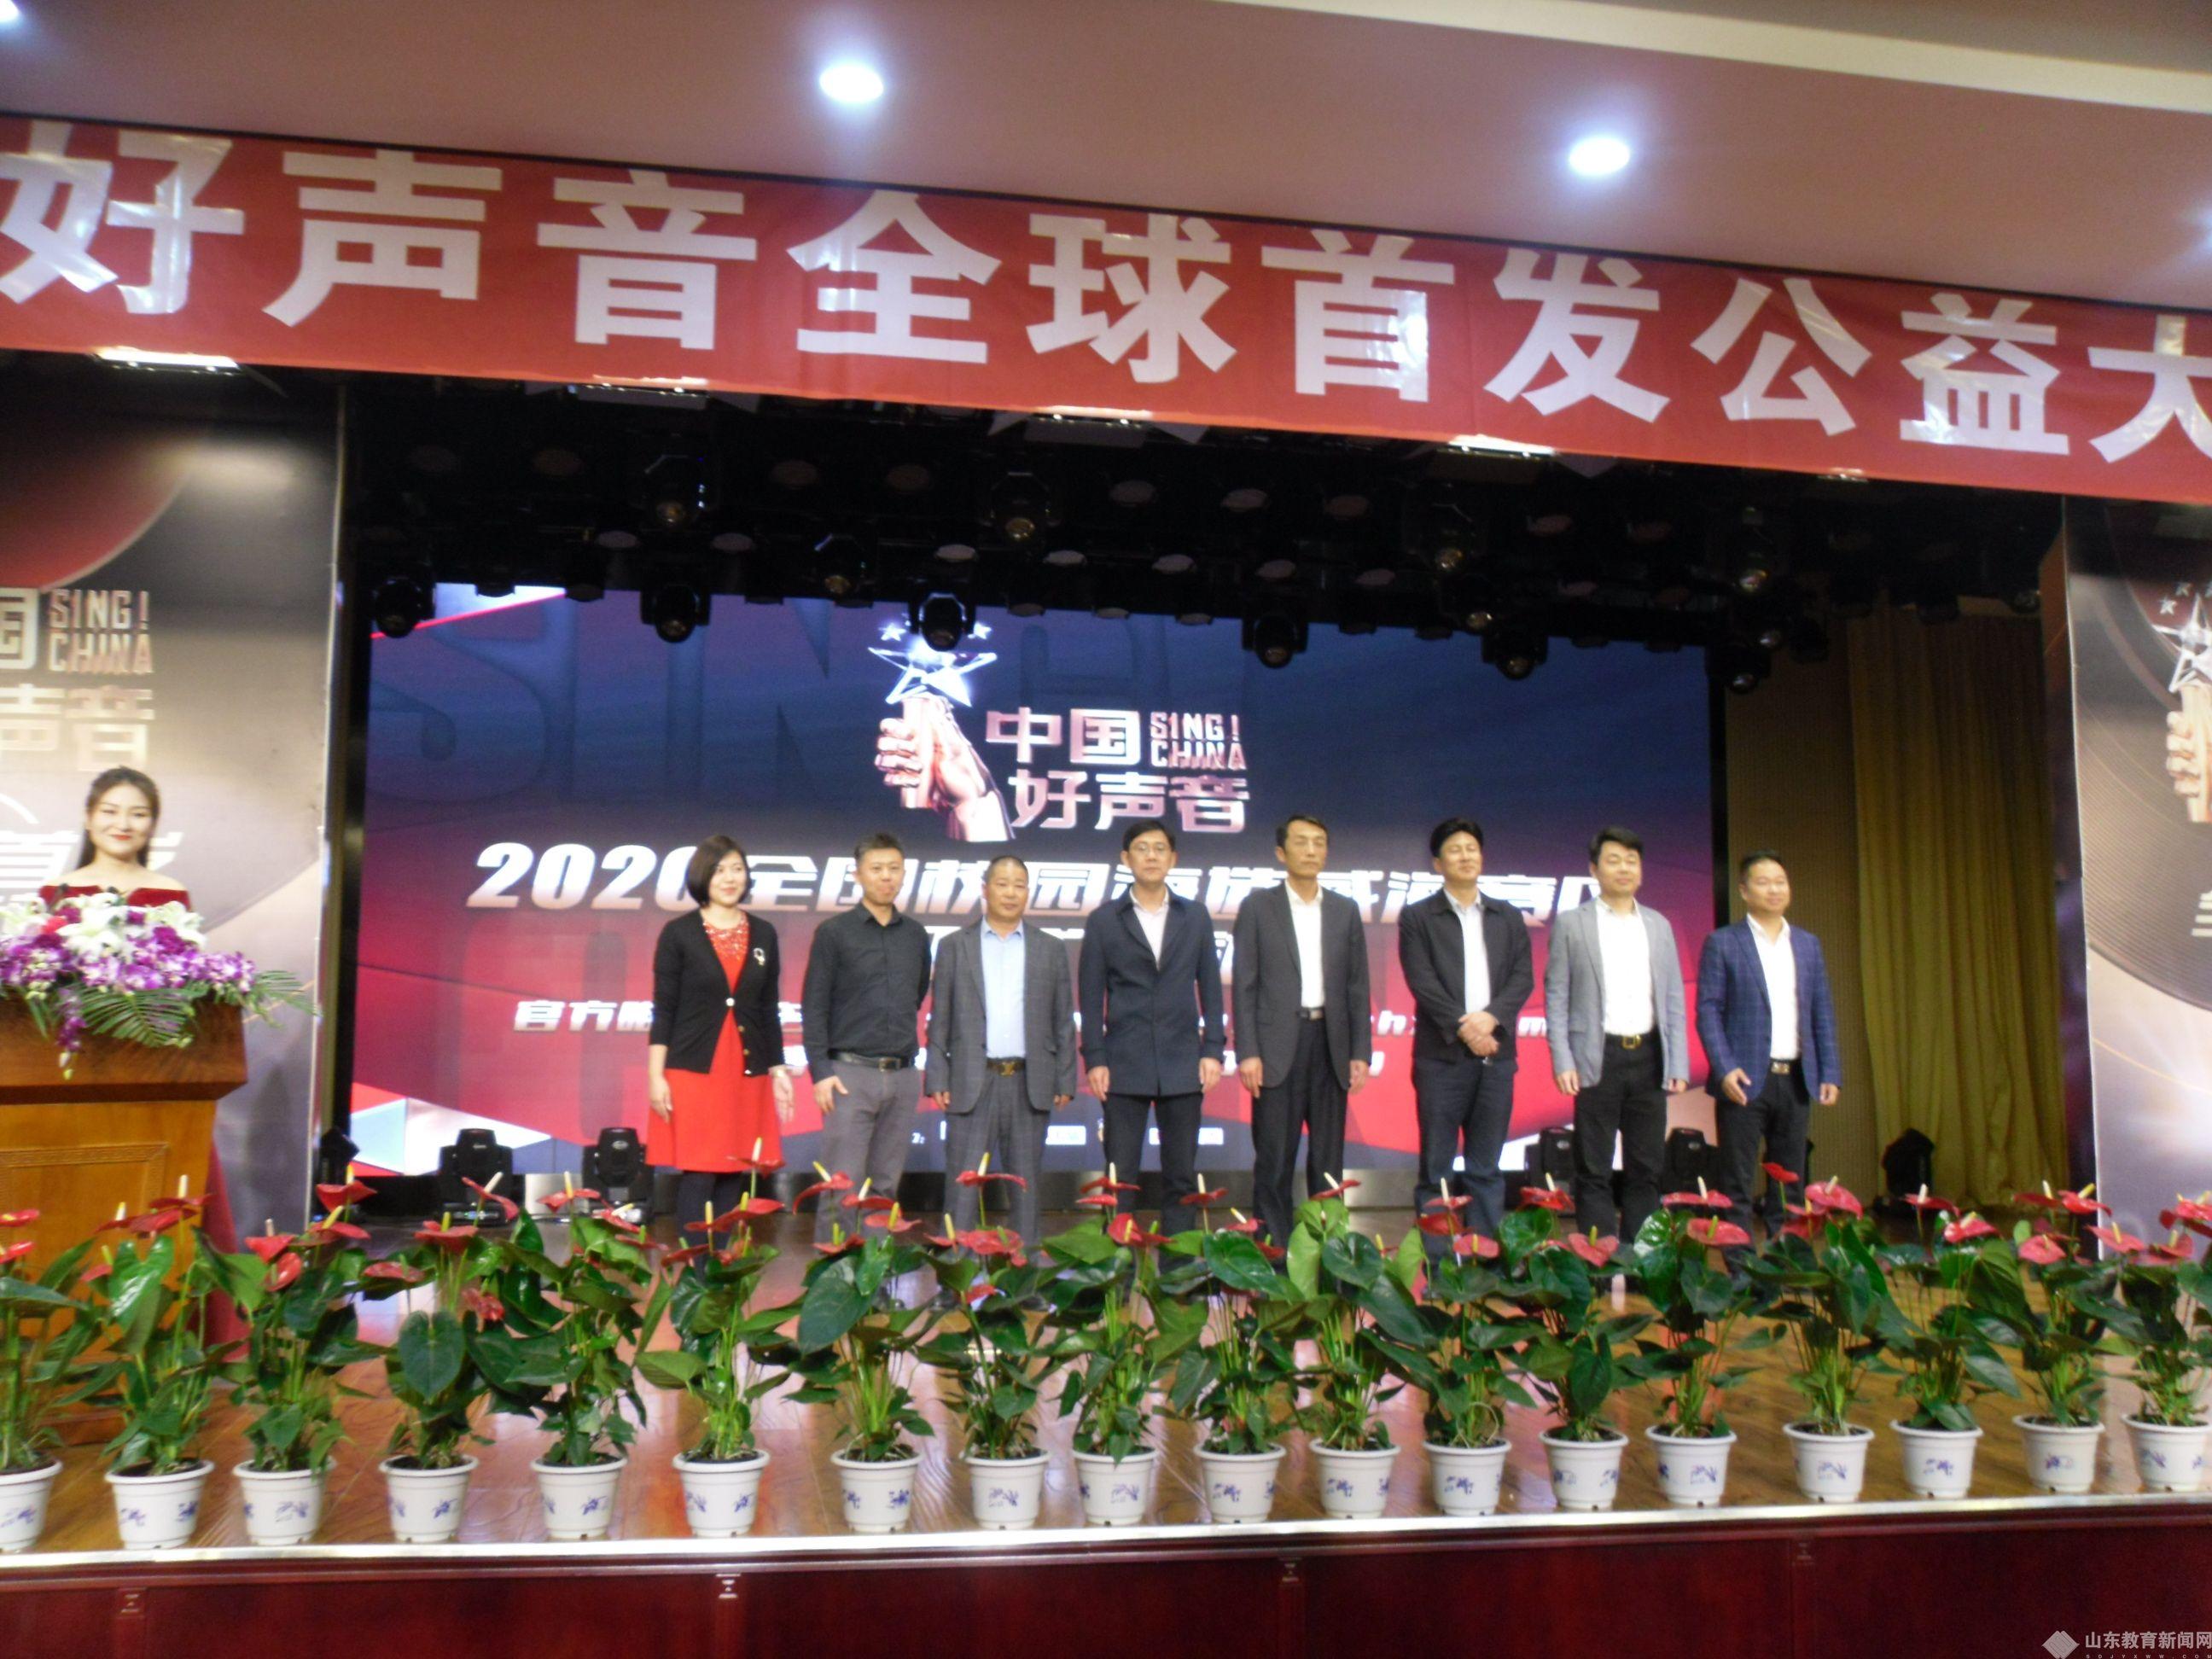 2020《中国好声音》公益大师课在山东铝业职业学院开讲